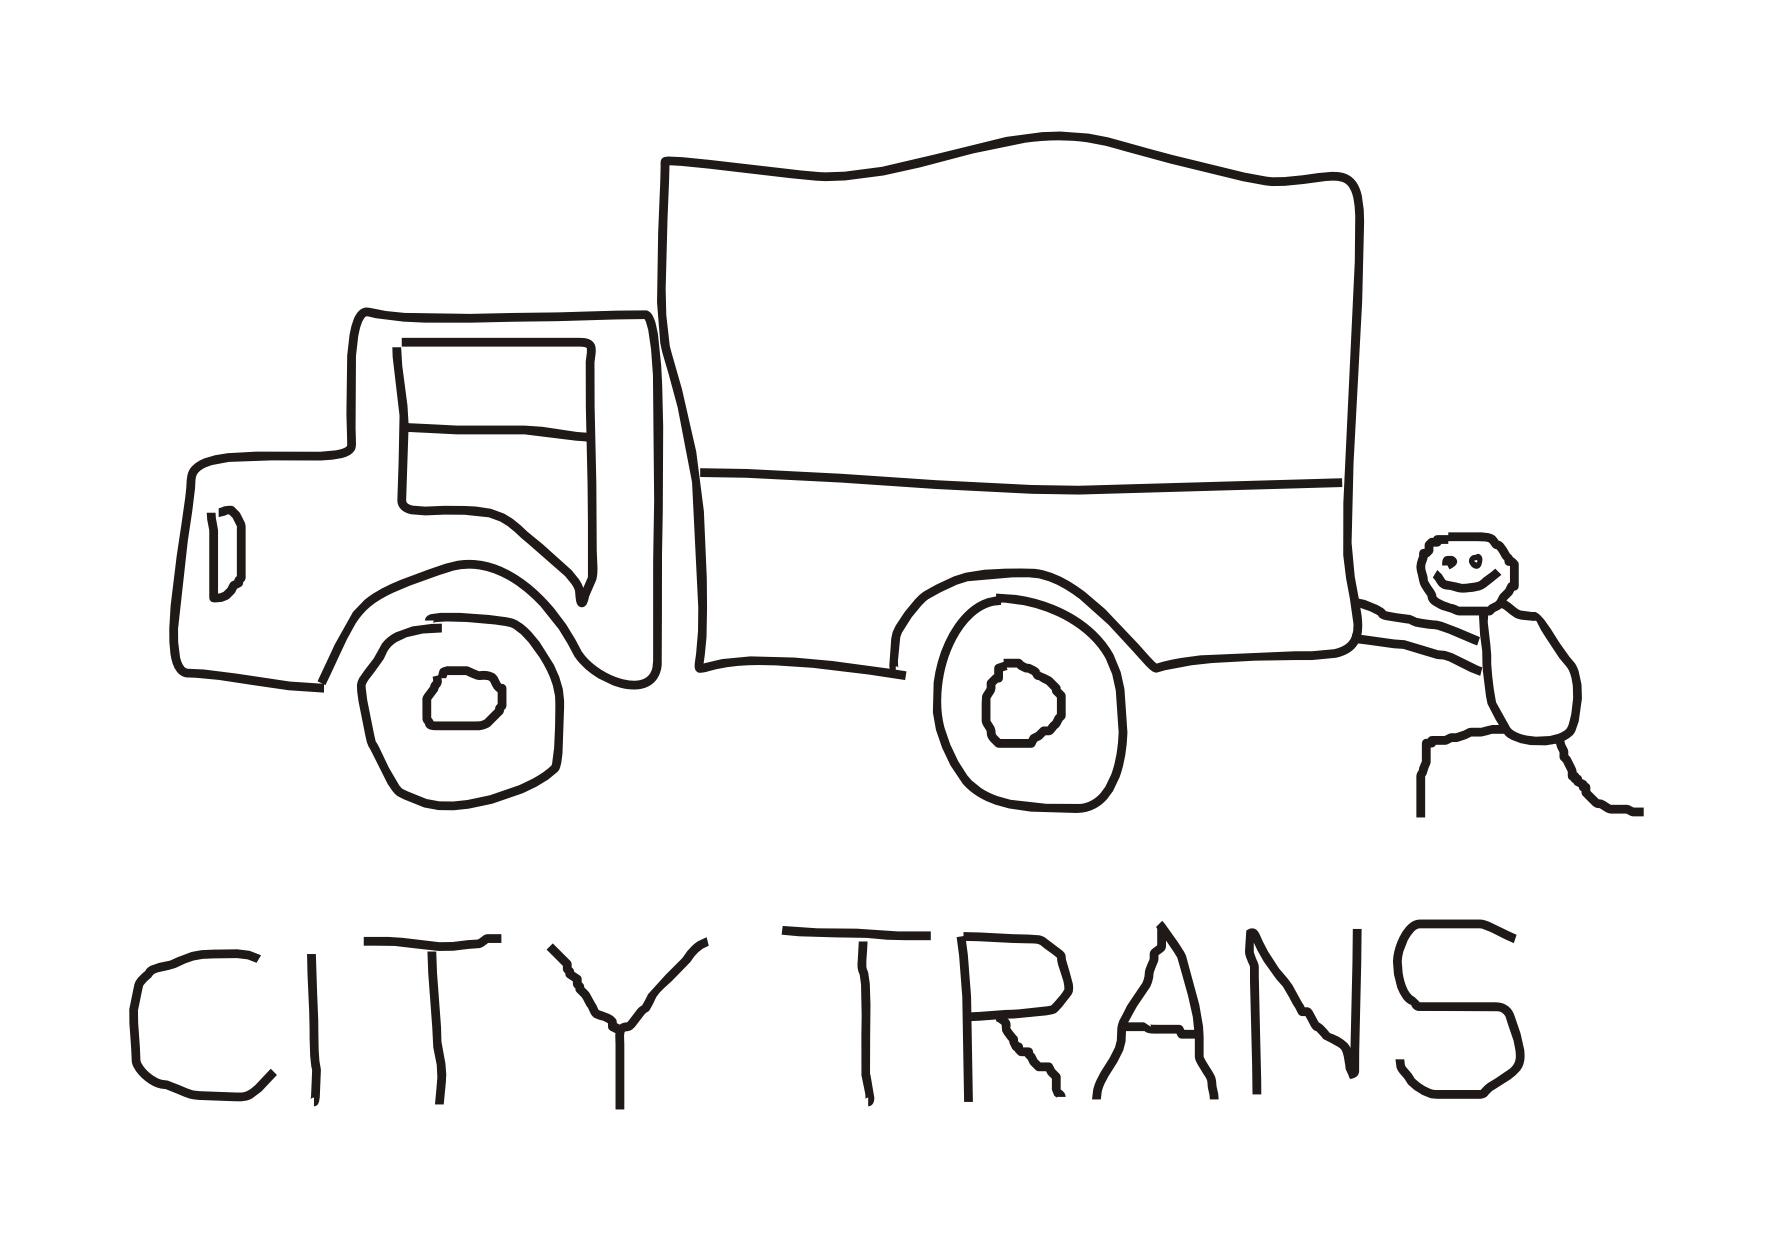 Разработка Логотипа транспортной компании фото f_7595e6e20a0840db.jpg